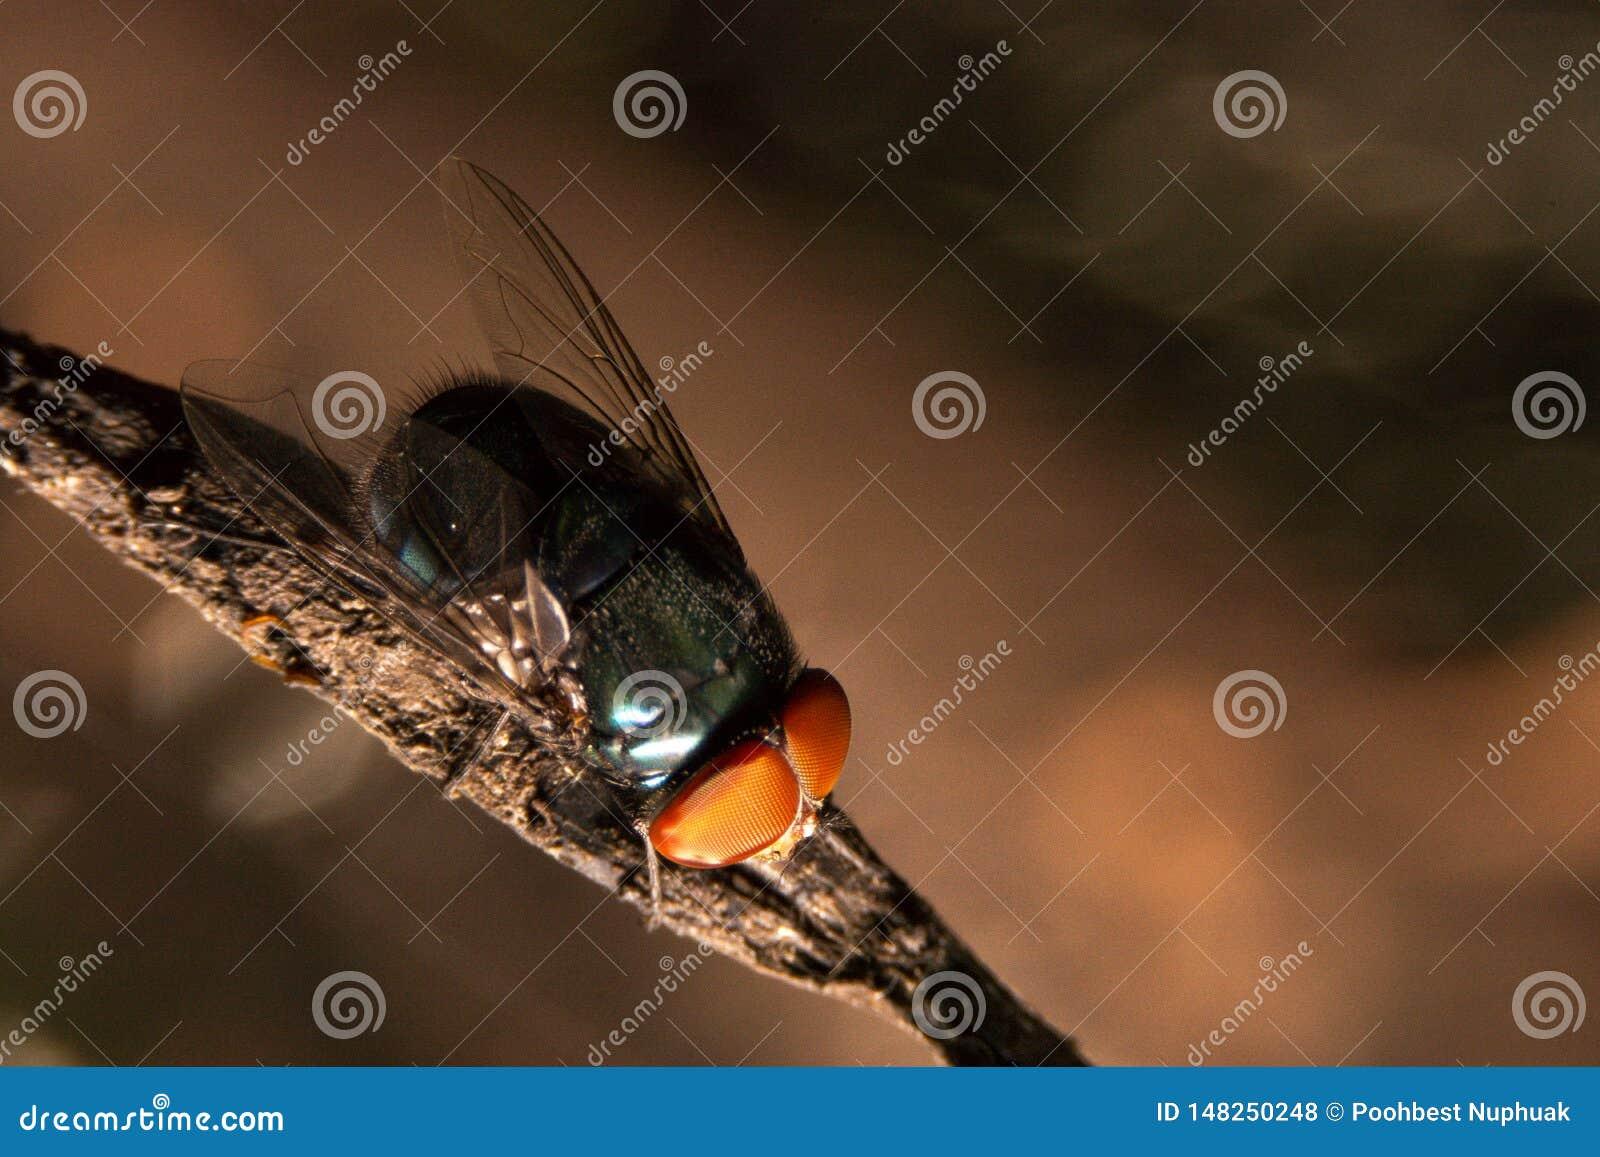 Nahe hohe Fliege auf dem schmutzigen Seil innerhalb des Hauses auf der R?ckseite des bokeh